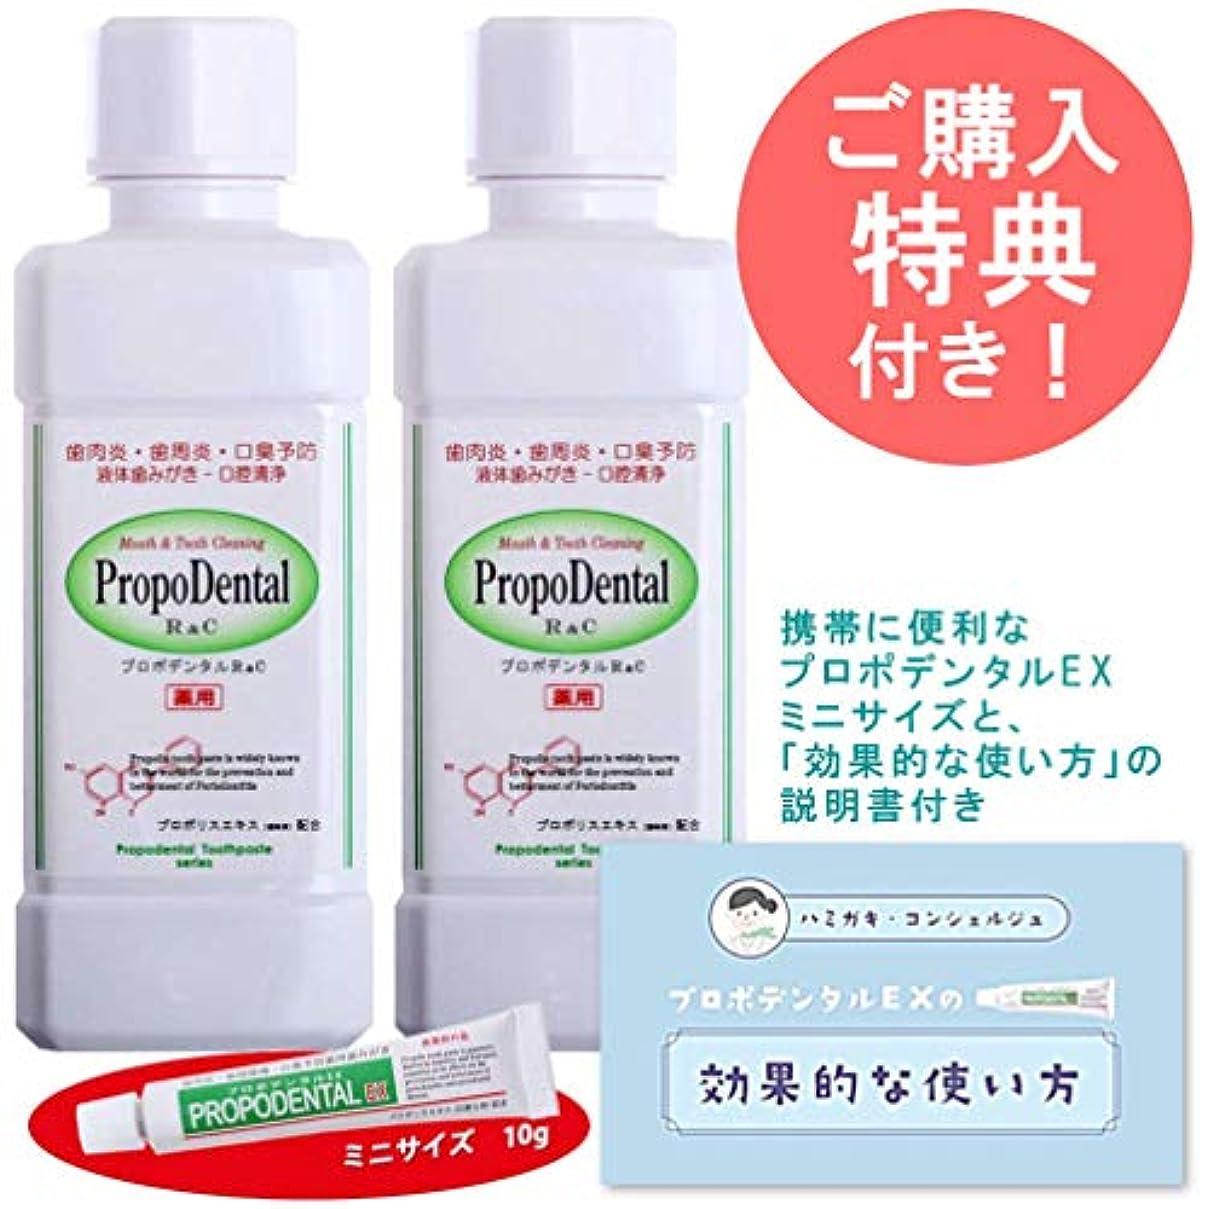 優れました関数不毛の【医薬部外品】薬用 液体歯磨き プロポデンタルリンスR&C マウスウォッシュ 液体はみがき(300ml) (2本+ミニサイズ1本)